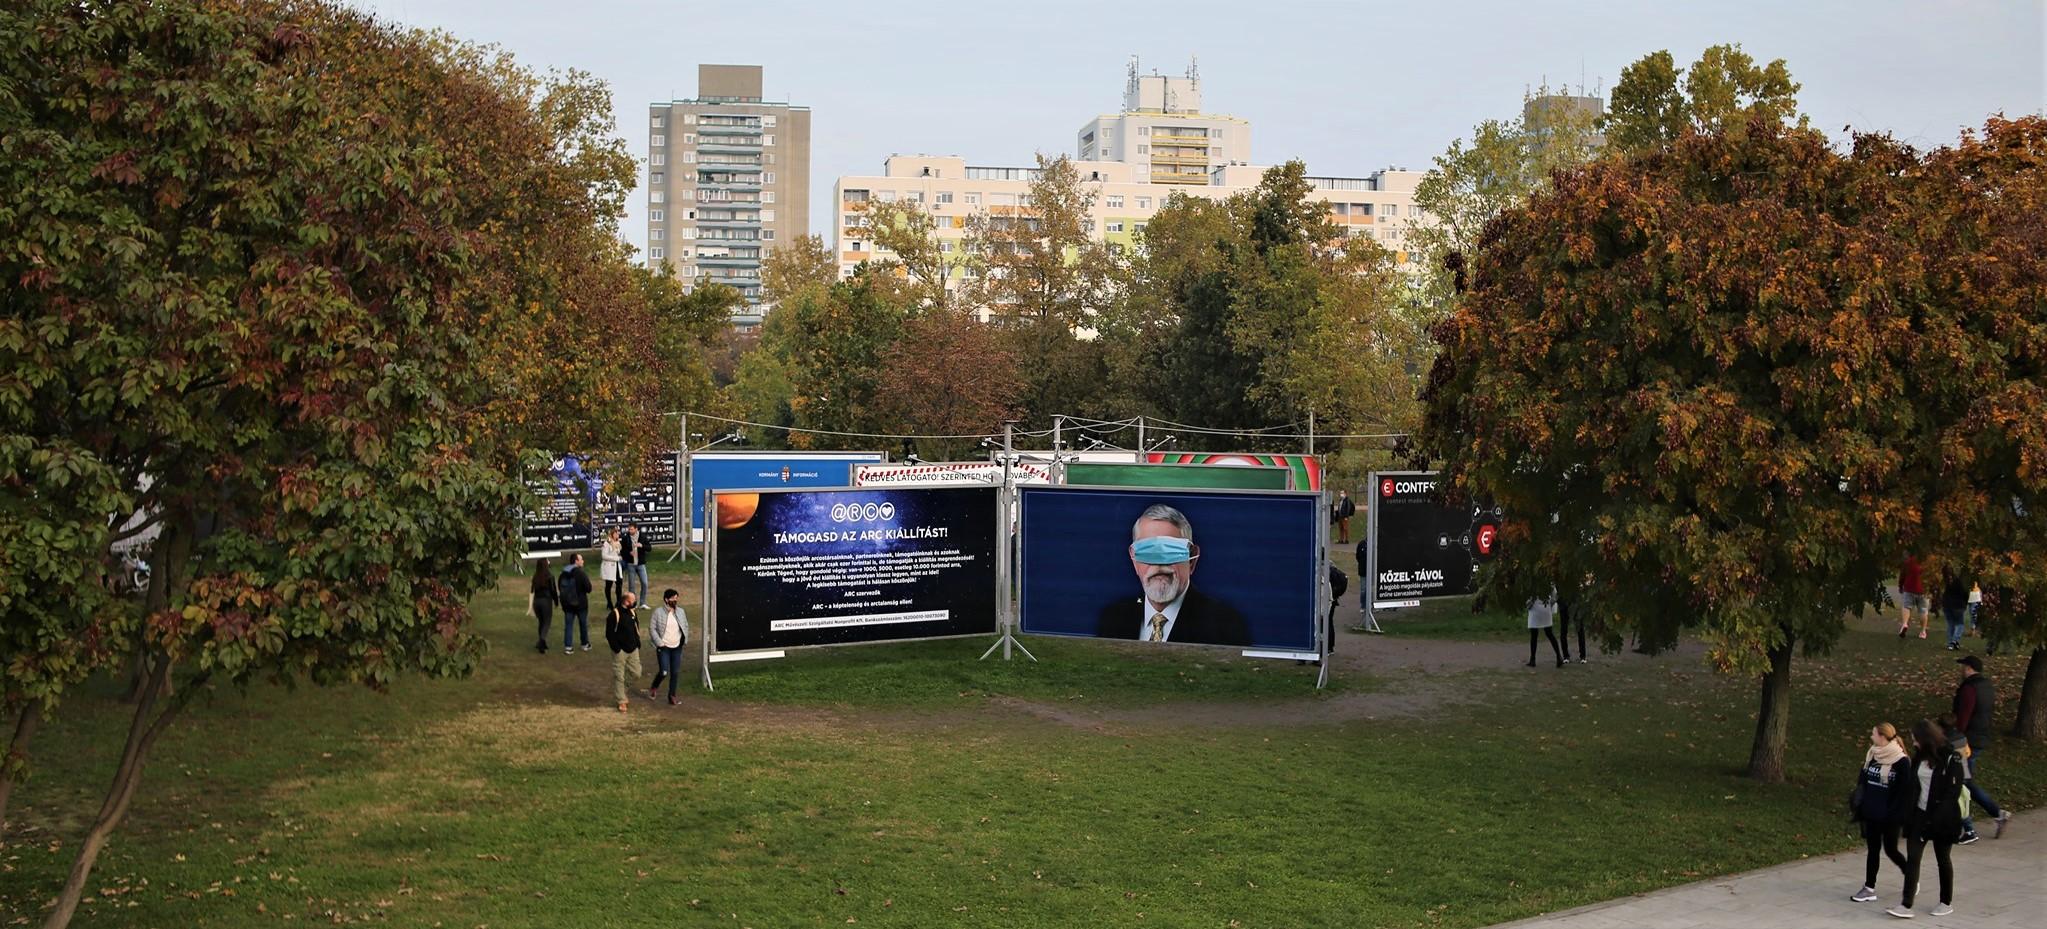 Megvan Magyarország legnagyobb köztéri kiállításának 2021-es témája: Idén is lesz ARC